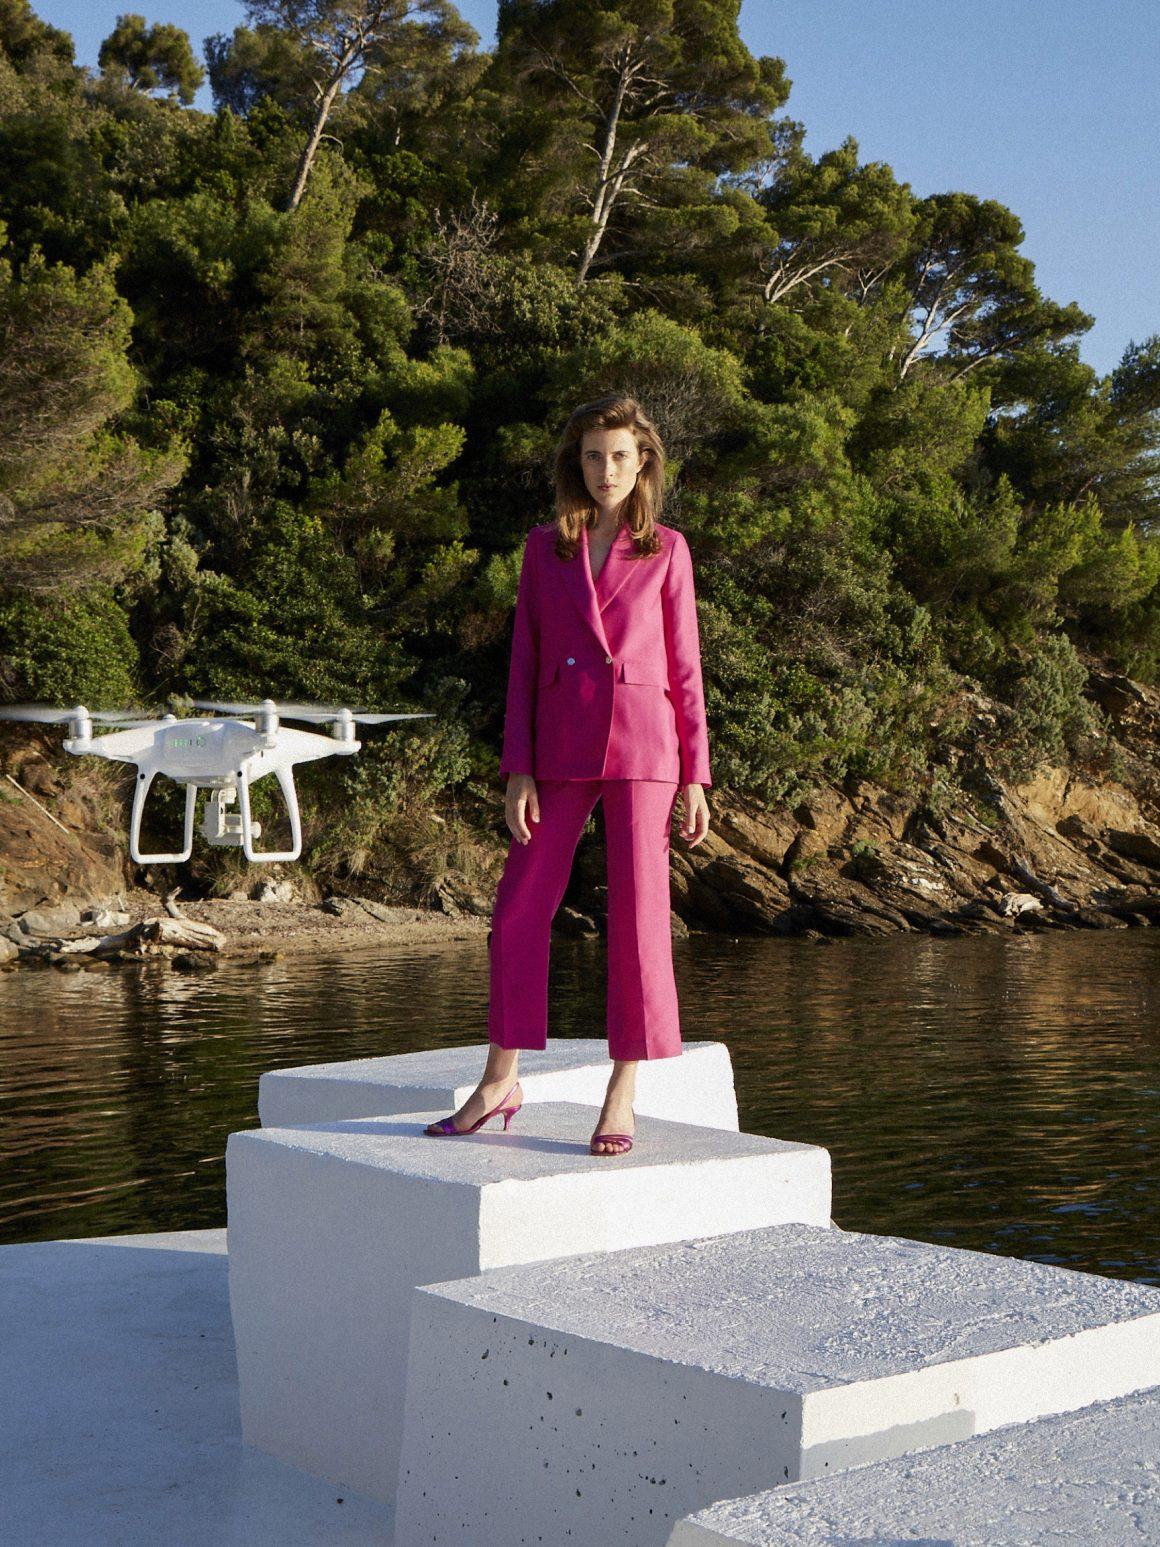 La James Bond Girl vue par Roseanna